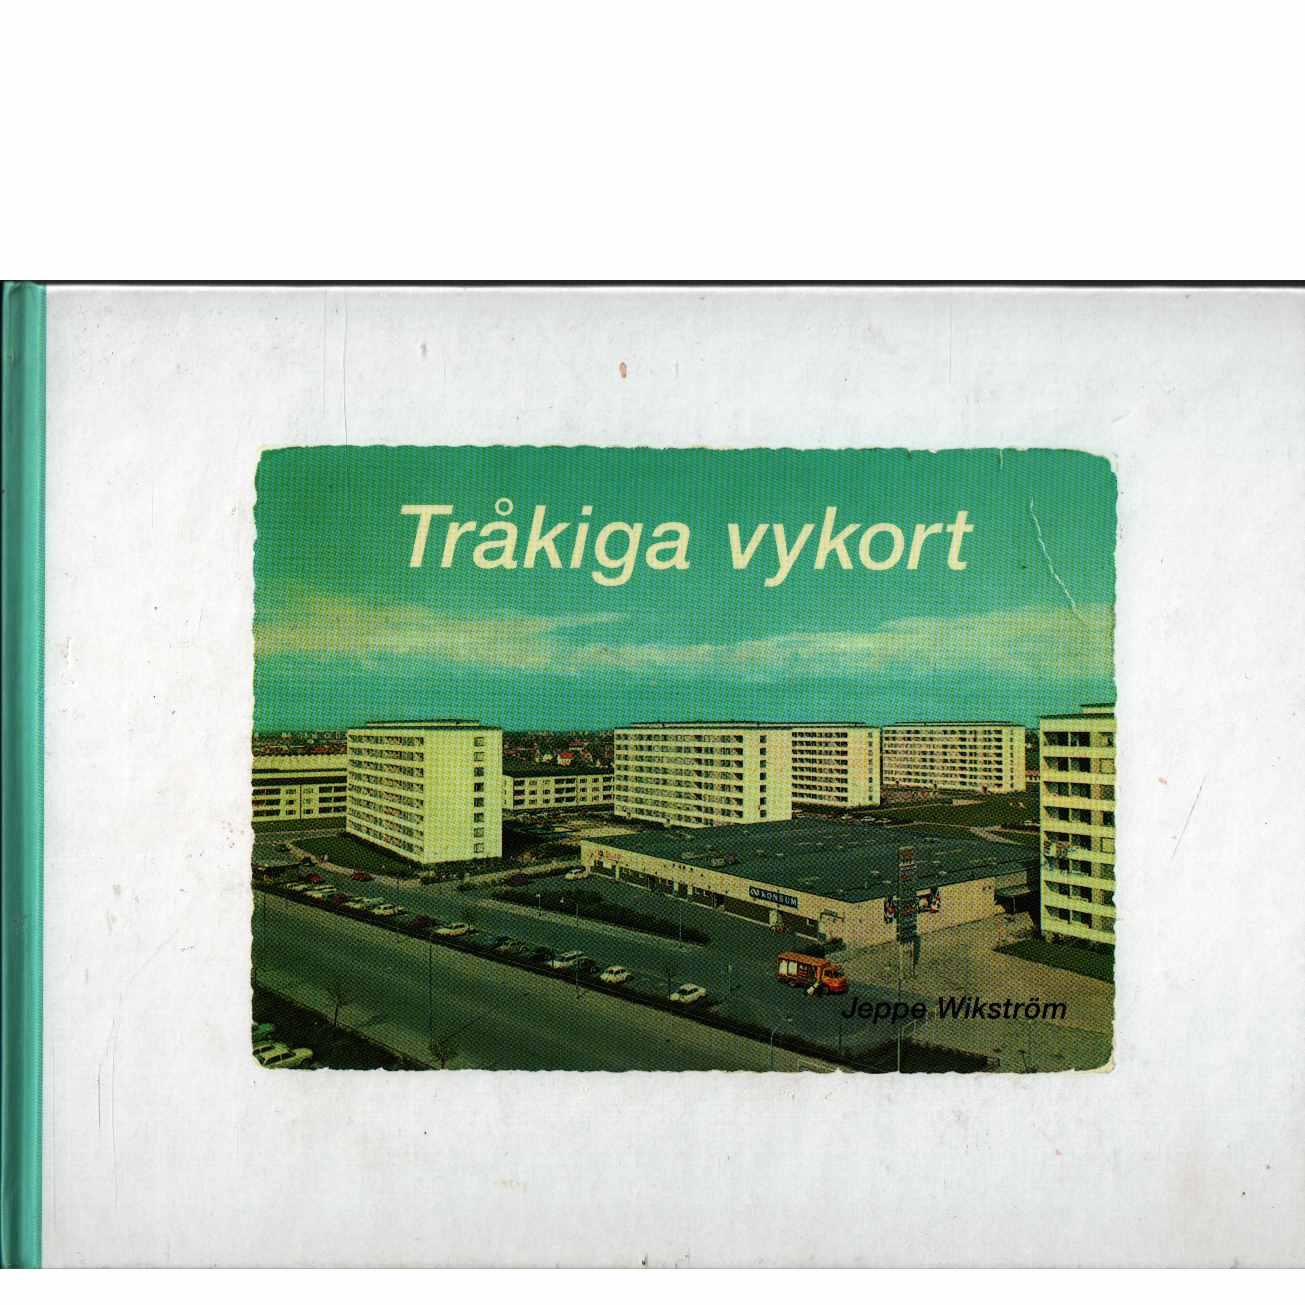 Tråkiga vykort - Red. Wikström, Jeppe